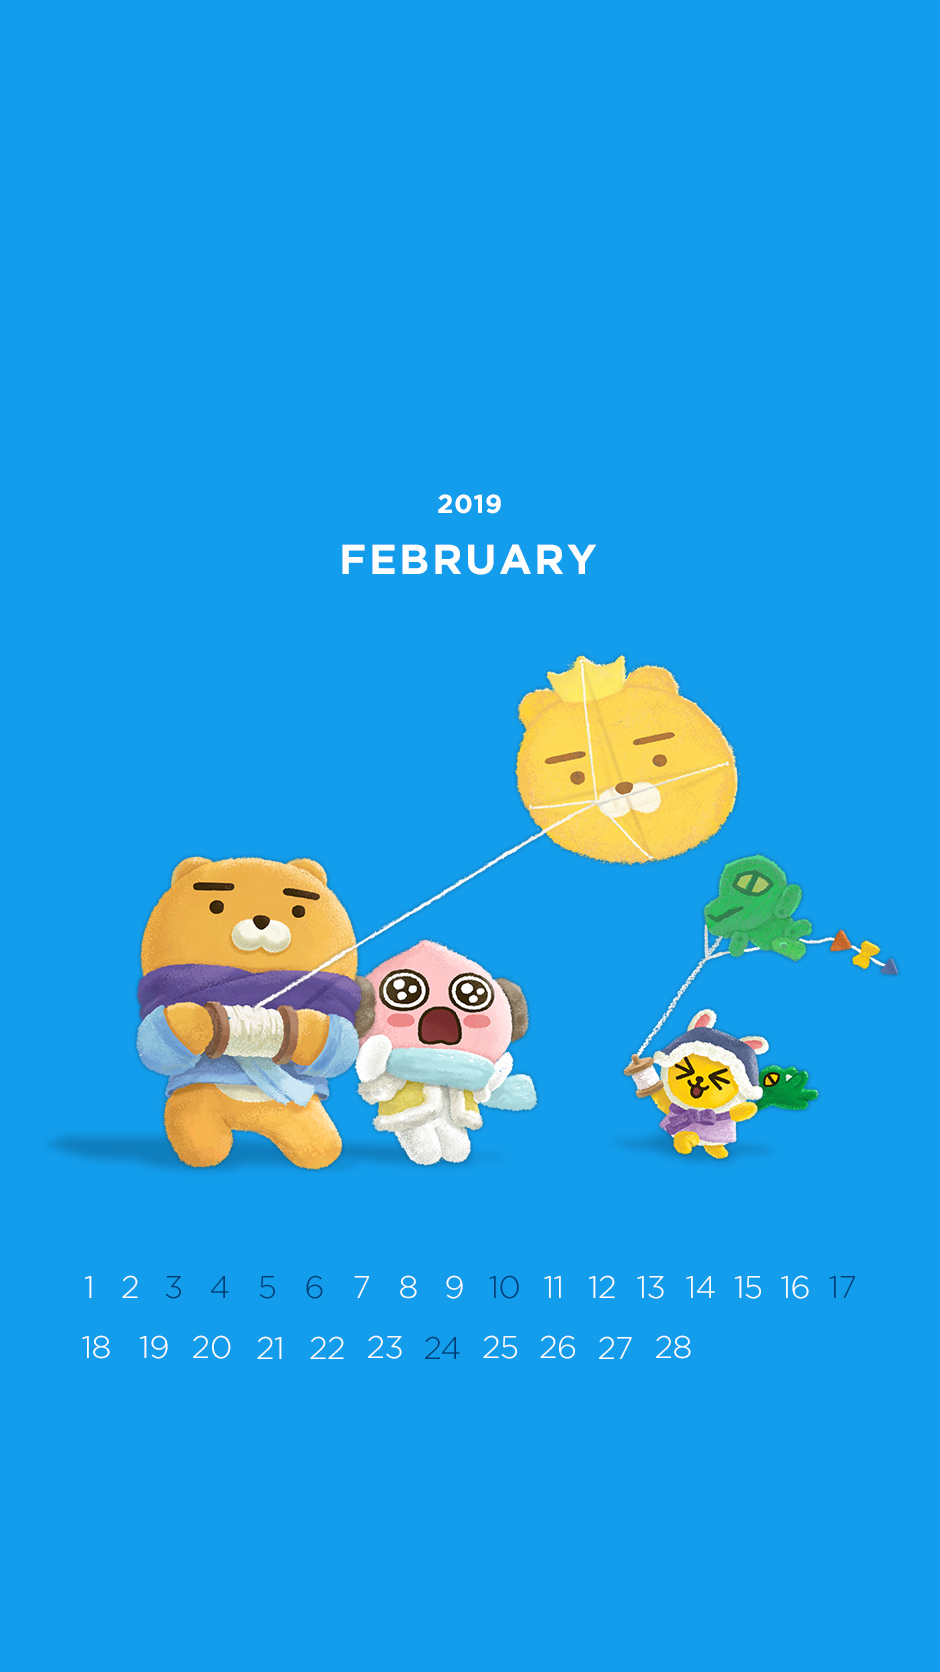 2019년 2월의 배경화면(달력)